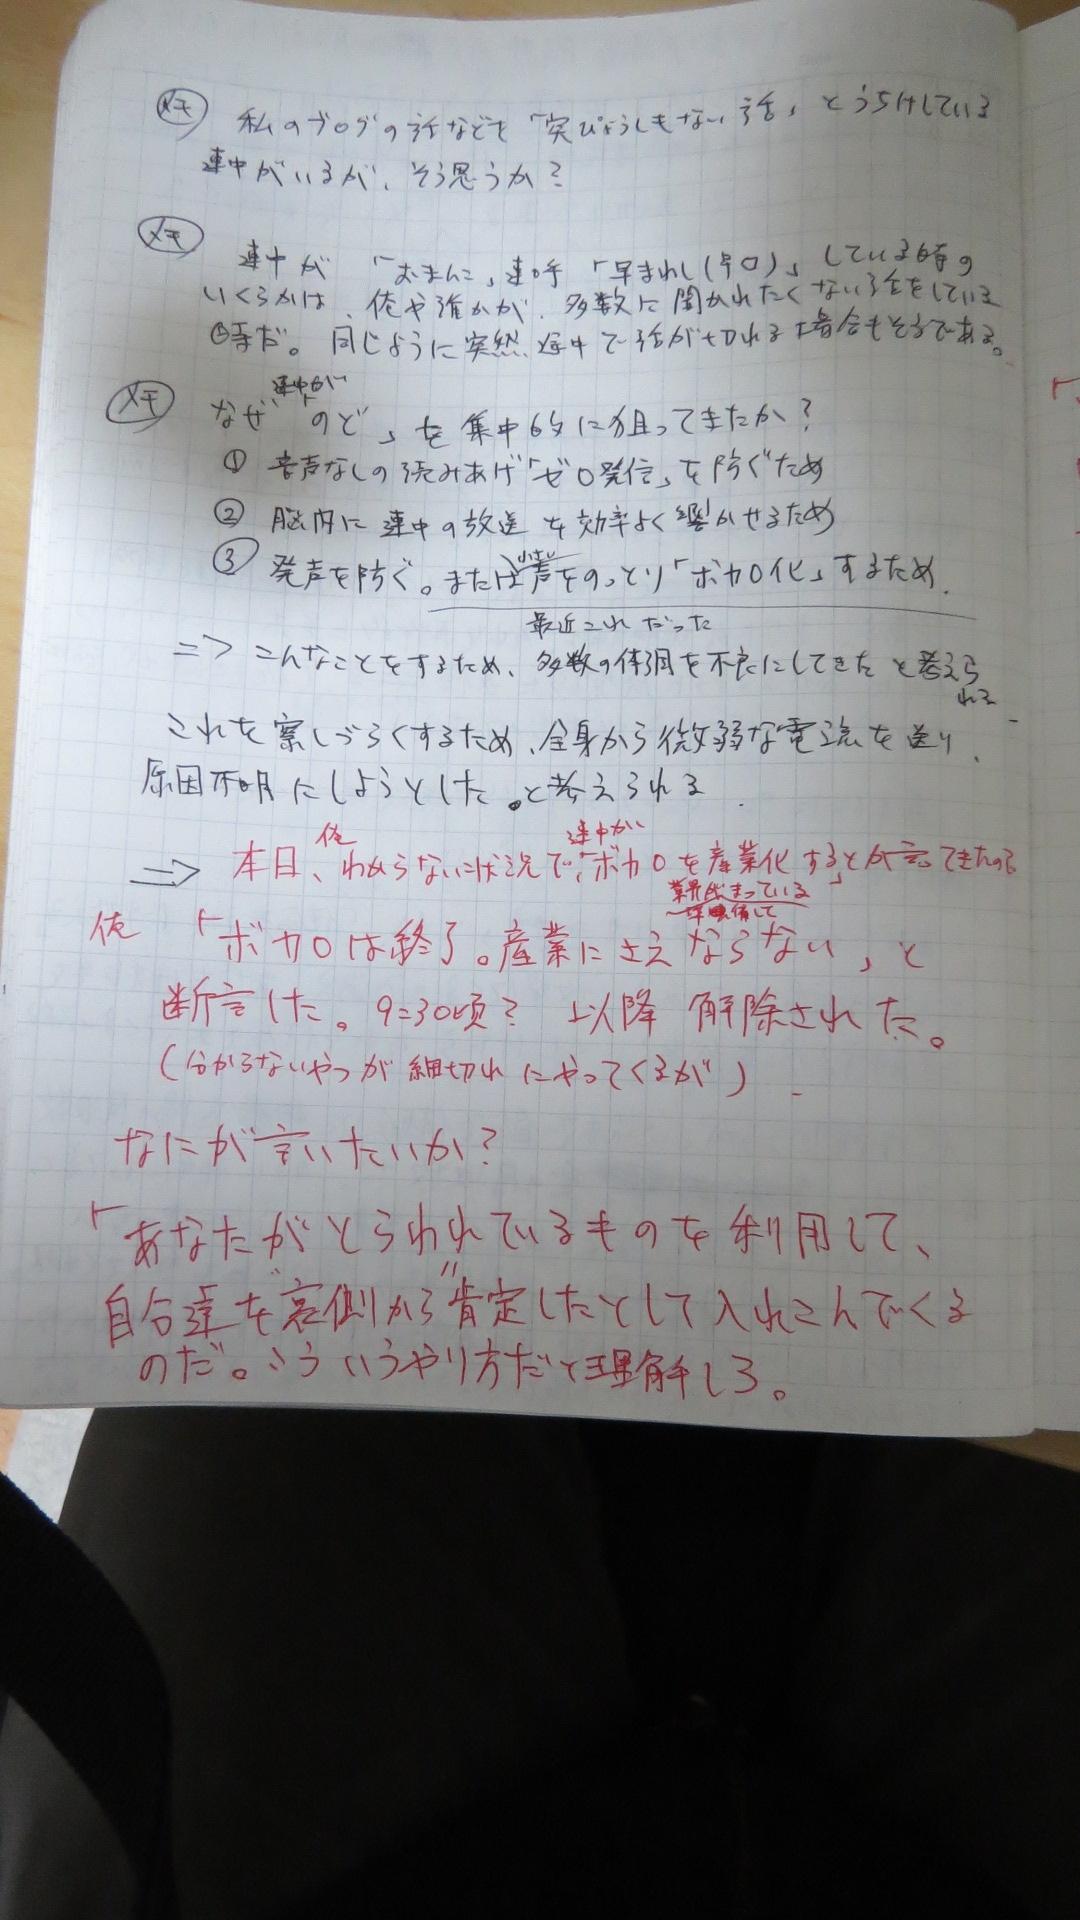 f:id:uta_stream:20180224170702j:plain